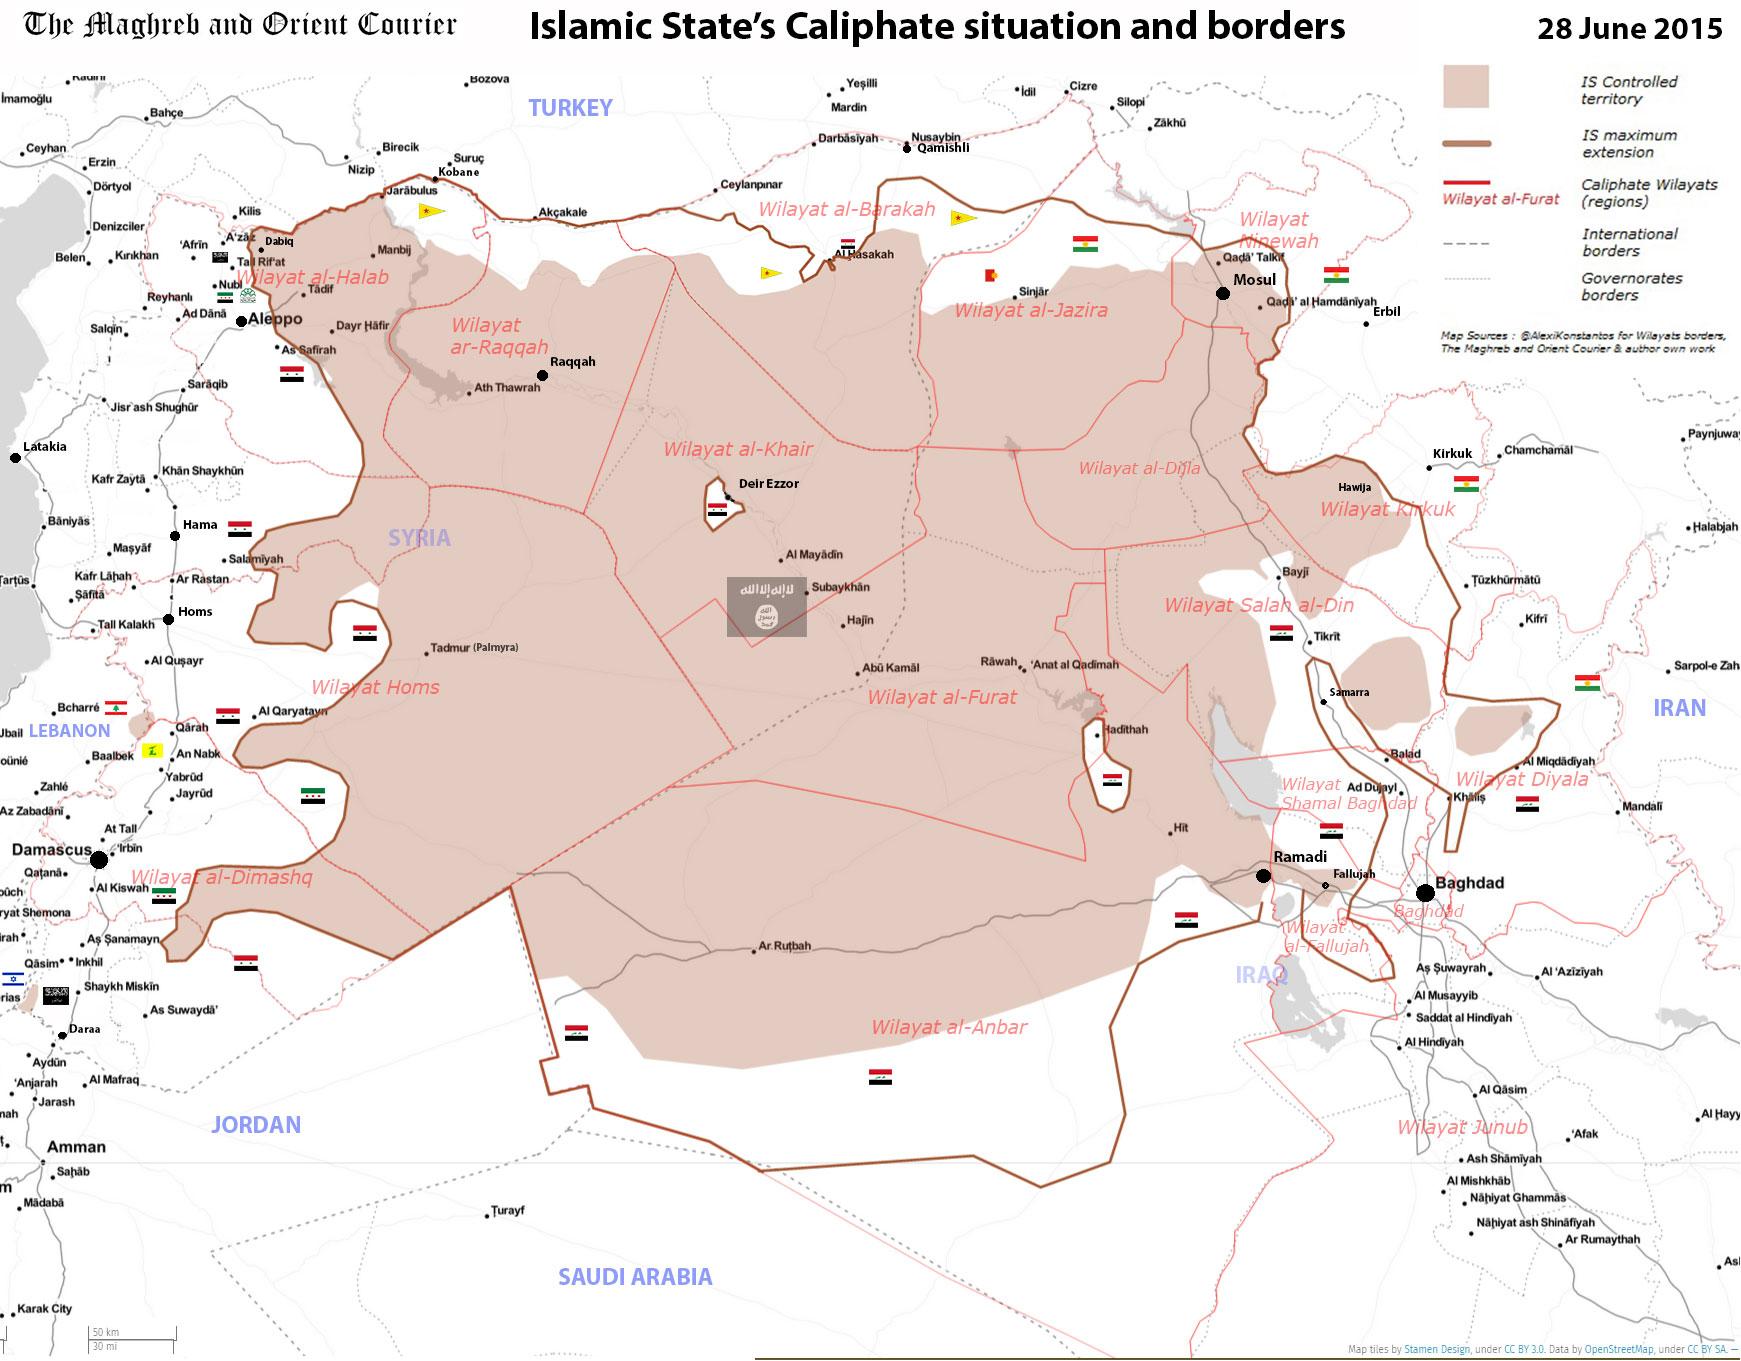 Карта: территория контролируемая ИГИЛ в Сирии и Ираке по состоянию на 29.06.2015